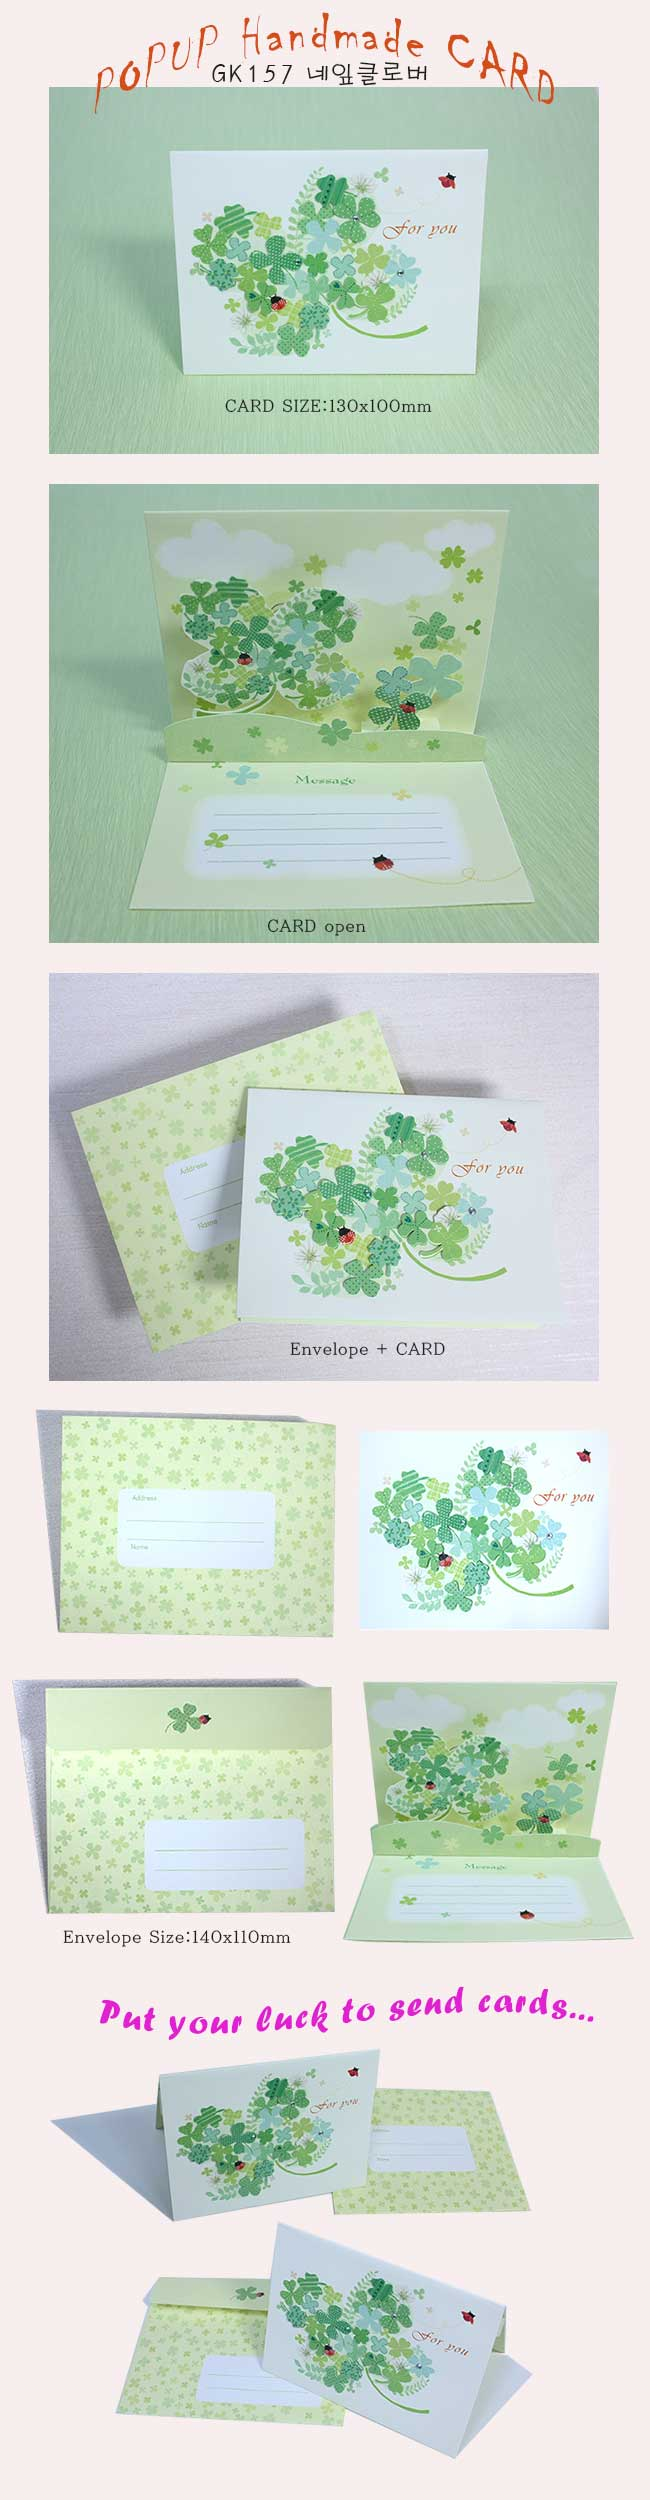 팝업 네잎클로버 GK157_For You - 상은랜드, 1,200원, 카드, 감사 카드